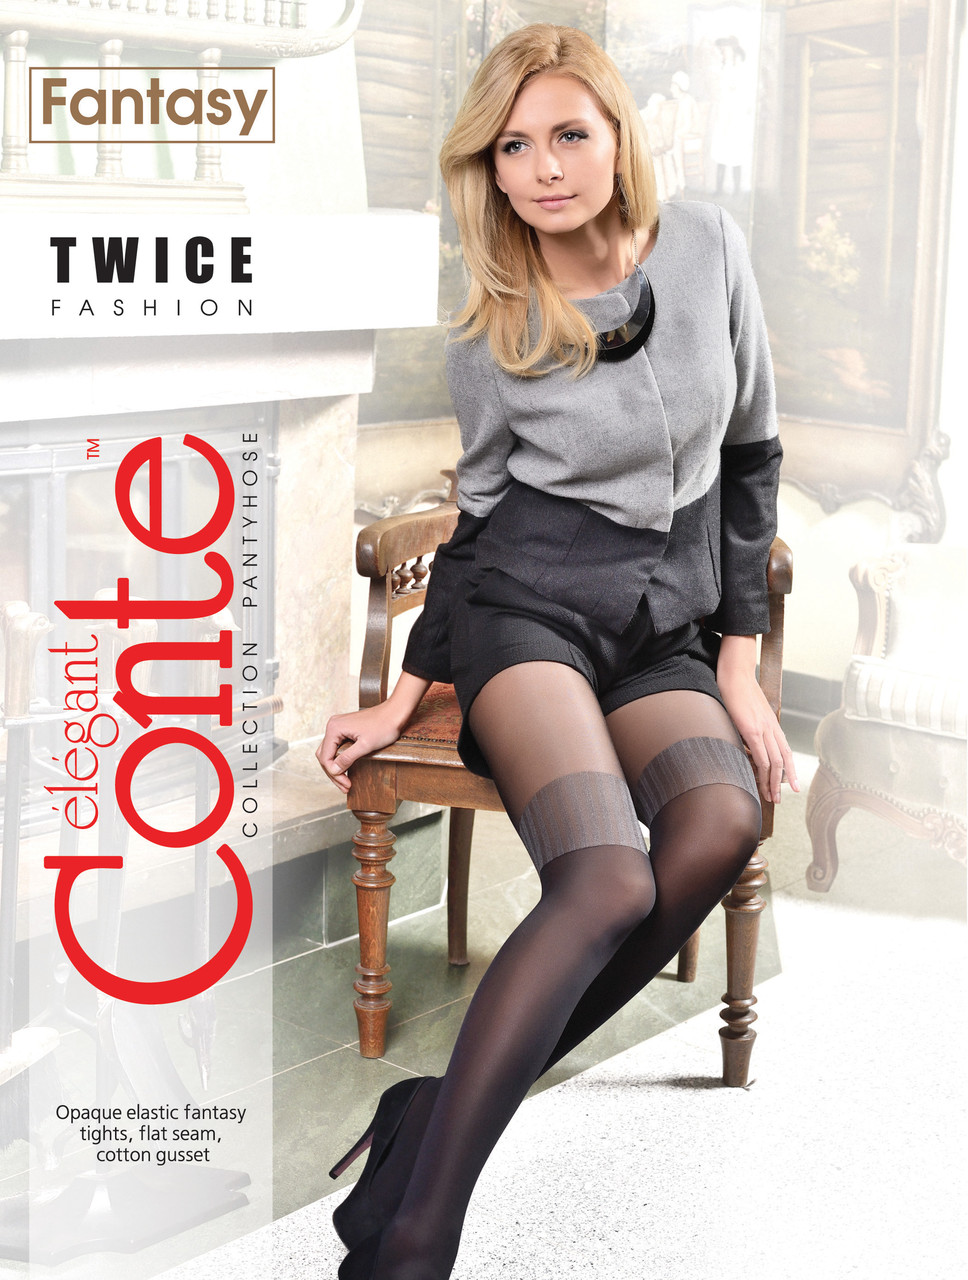 Колготки жіночі Conte Fantasy Twice 50 Den (Конте Фентезі Твайс 50 ден), розмір 2-4, Білорусія